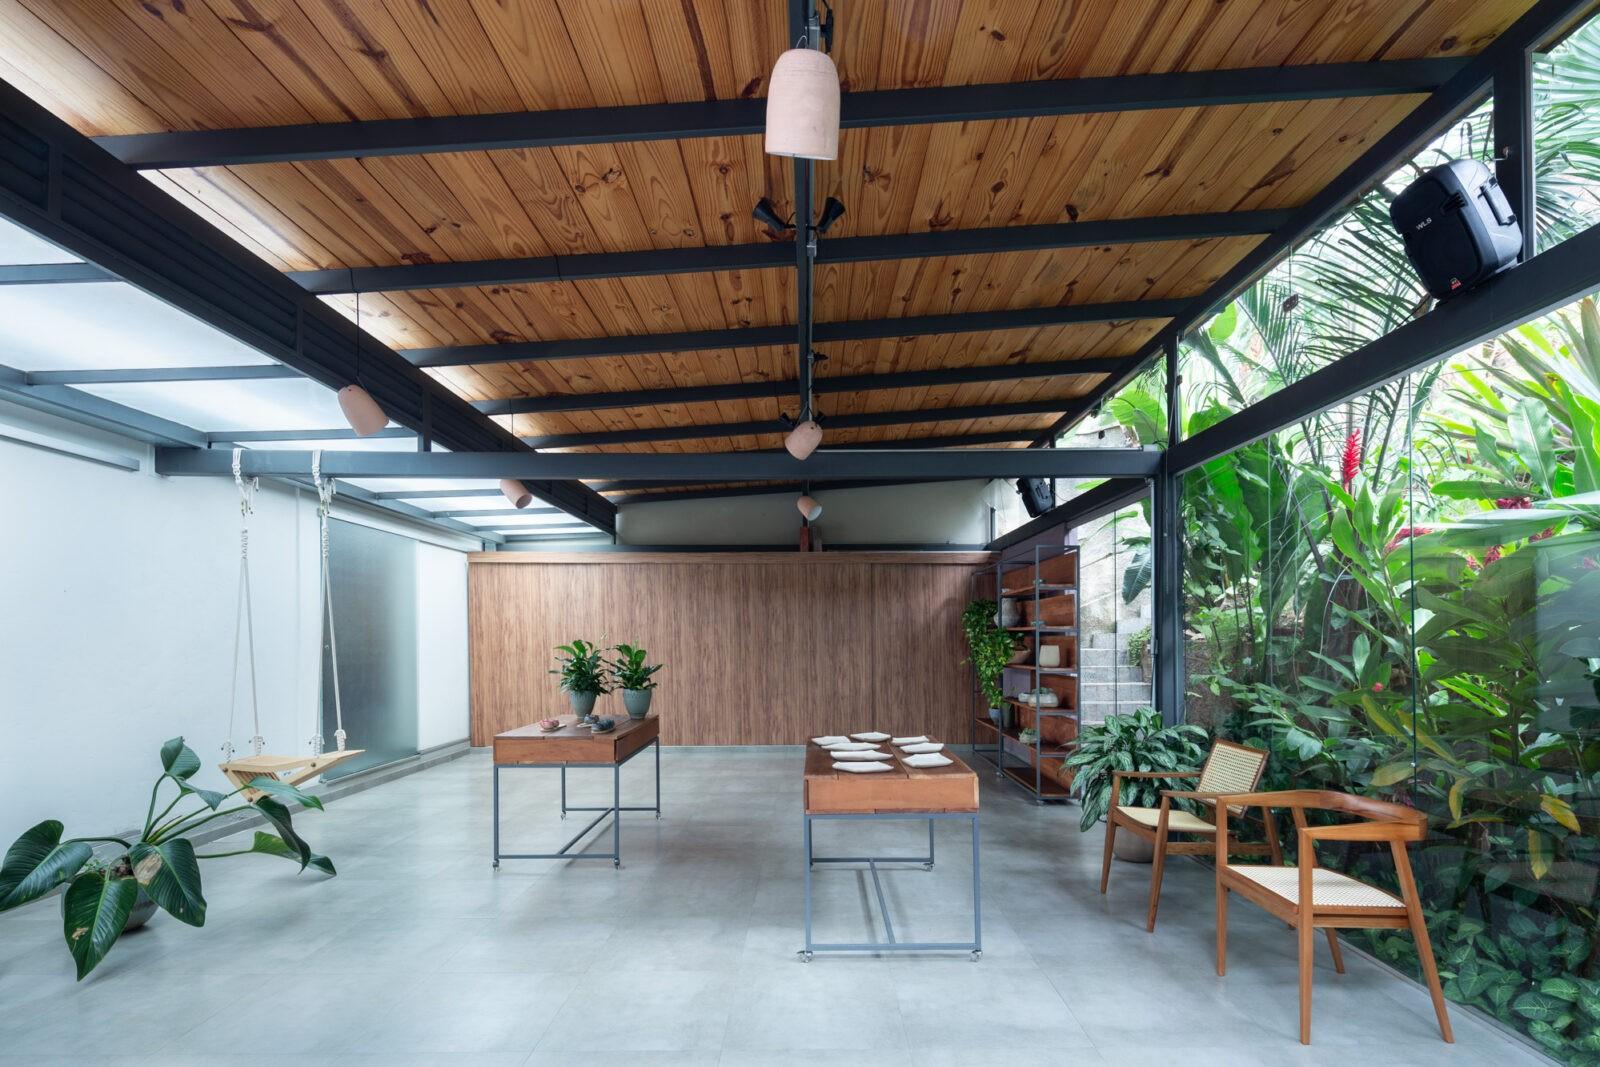 projeto arquitetura reforma Belo horizonte contagem mobio gabriel castro